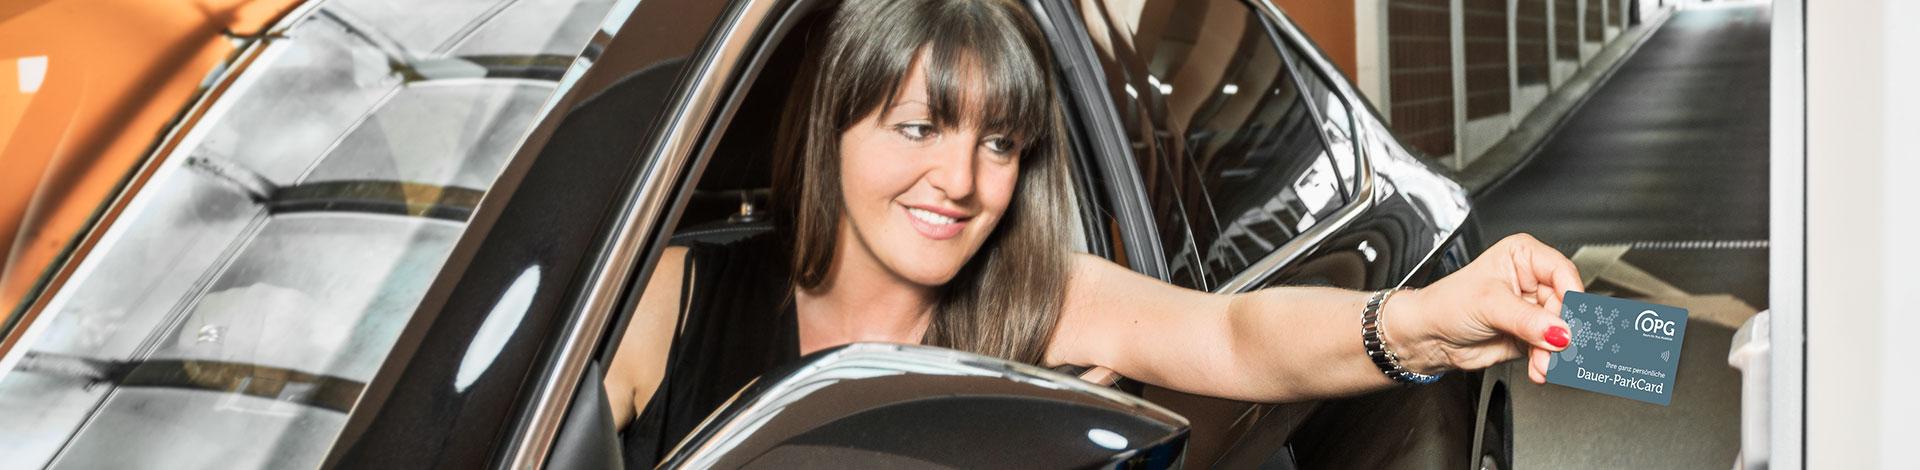 """Eine Dame parkt mit der OPG Dauer-ParkCard in """"ihrem"""" OPG-Parkhaus."""